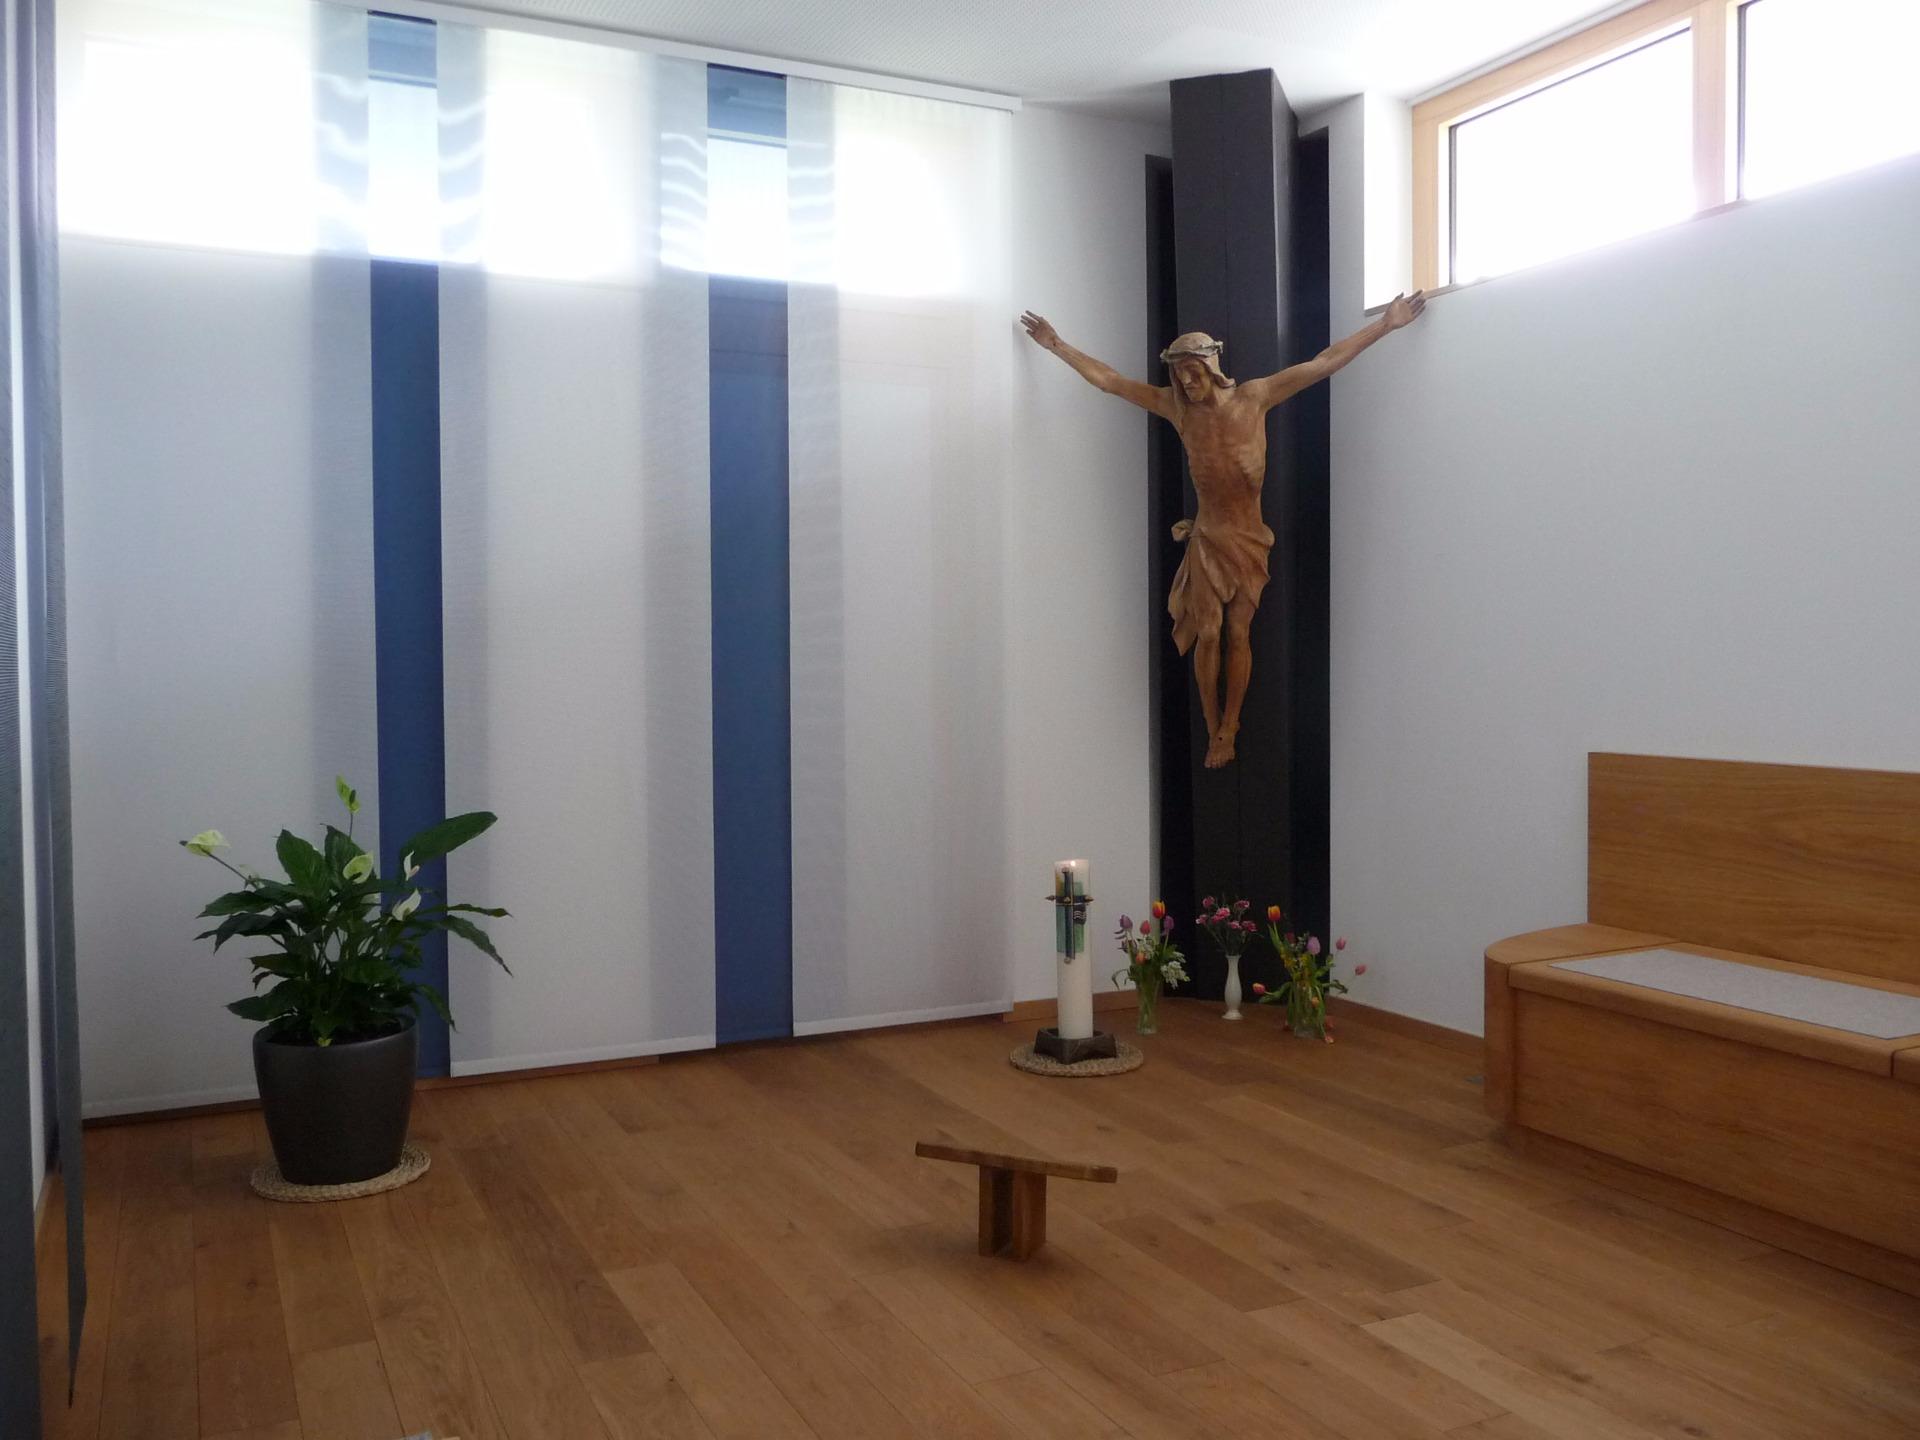 Katholische Kirche - Pfarrgemeinde Heilig Kreuz, Bergen-Enkheim ...